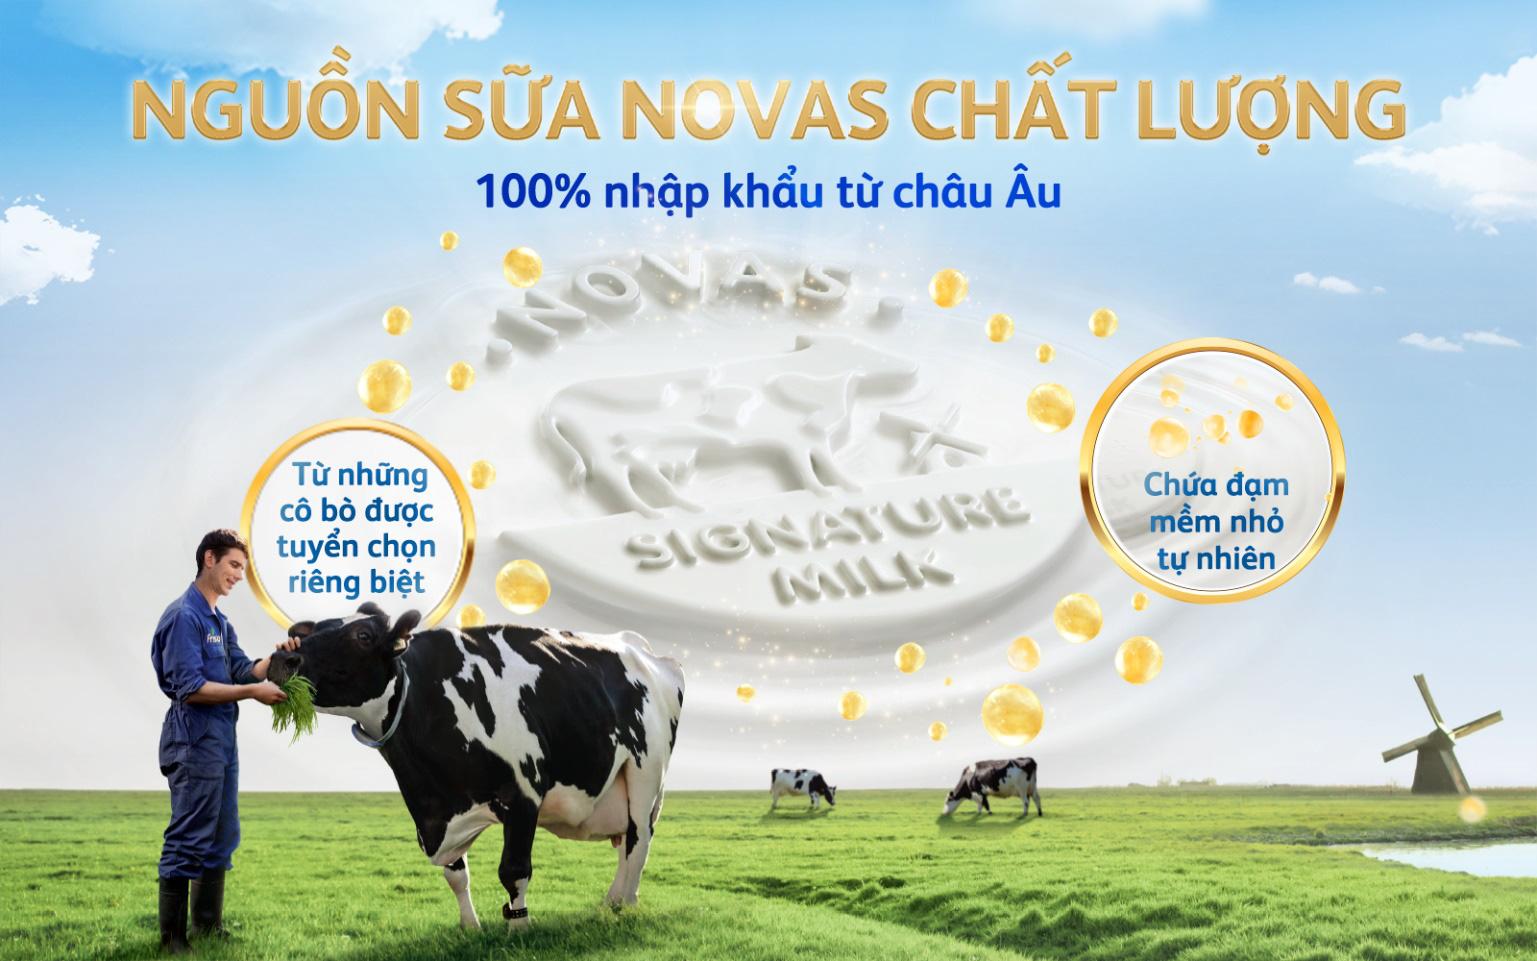 Friso Gold mới với nguồn sữa NOVAS 100% từ Châu Âu giúp bé dễ tiêu hóa - Ảnh 2.